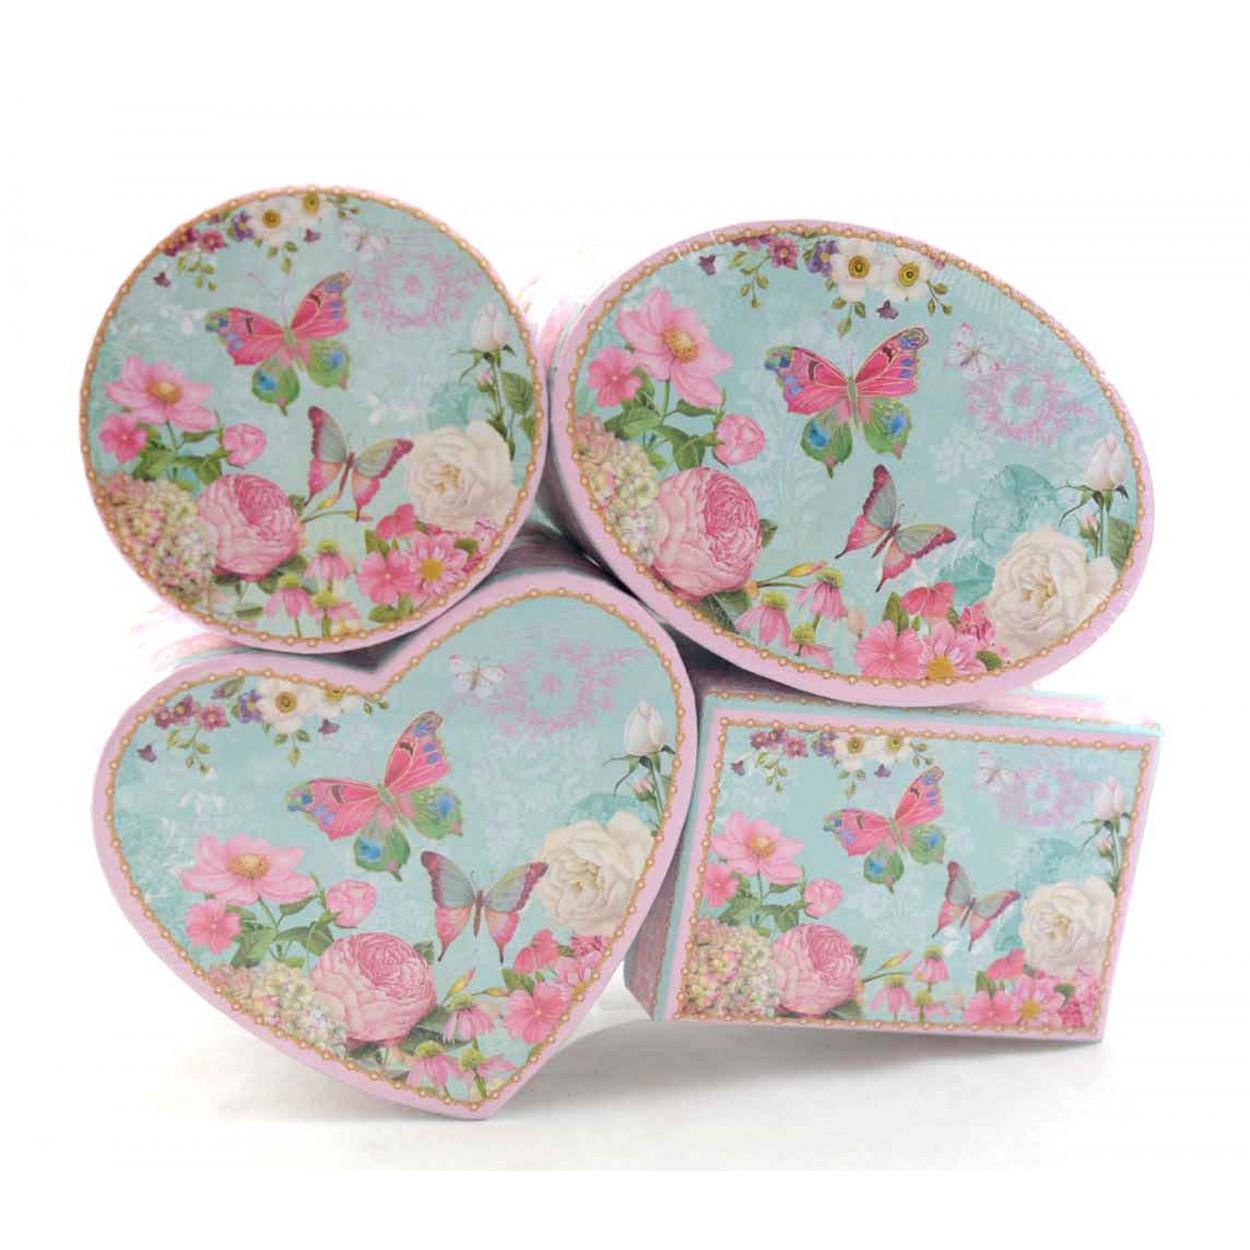 Cajas para almacenaje mariposas y flores set de cuatro 23x18x6 5 hogar y m s - Cajas almacenaje decorativas ...